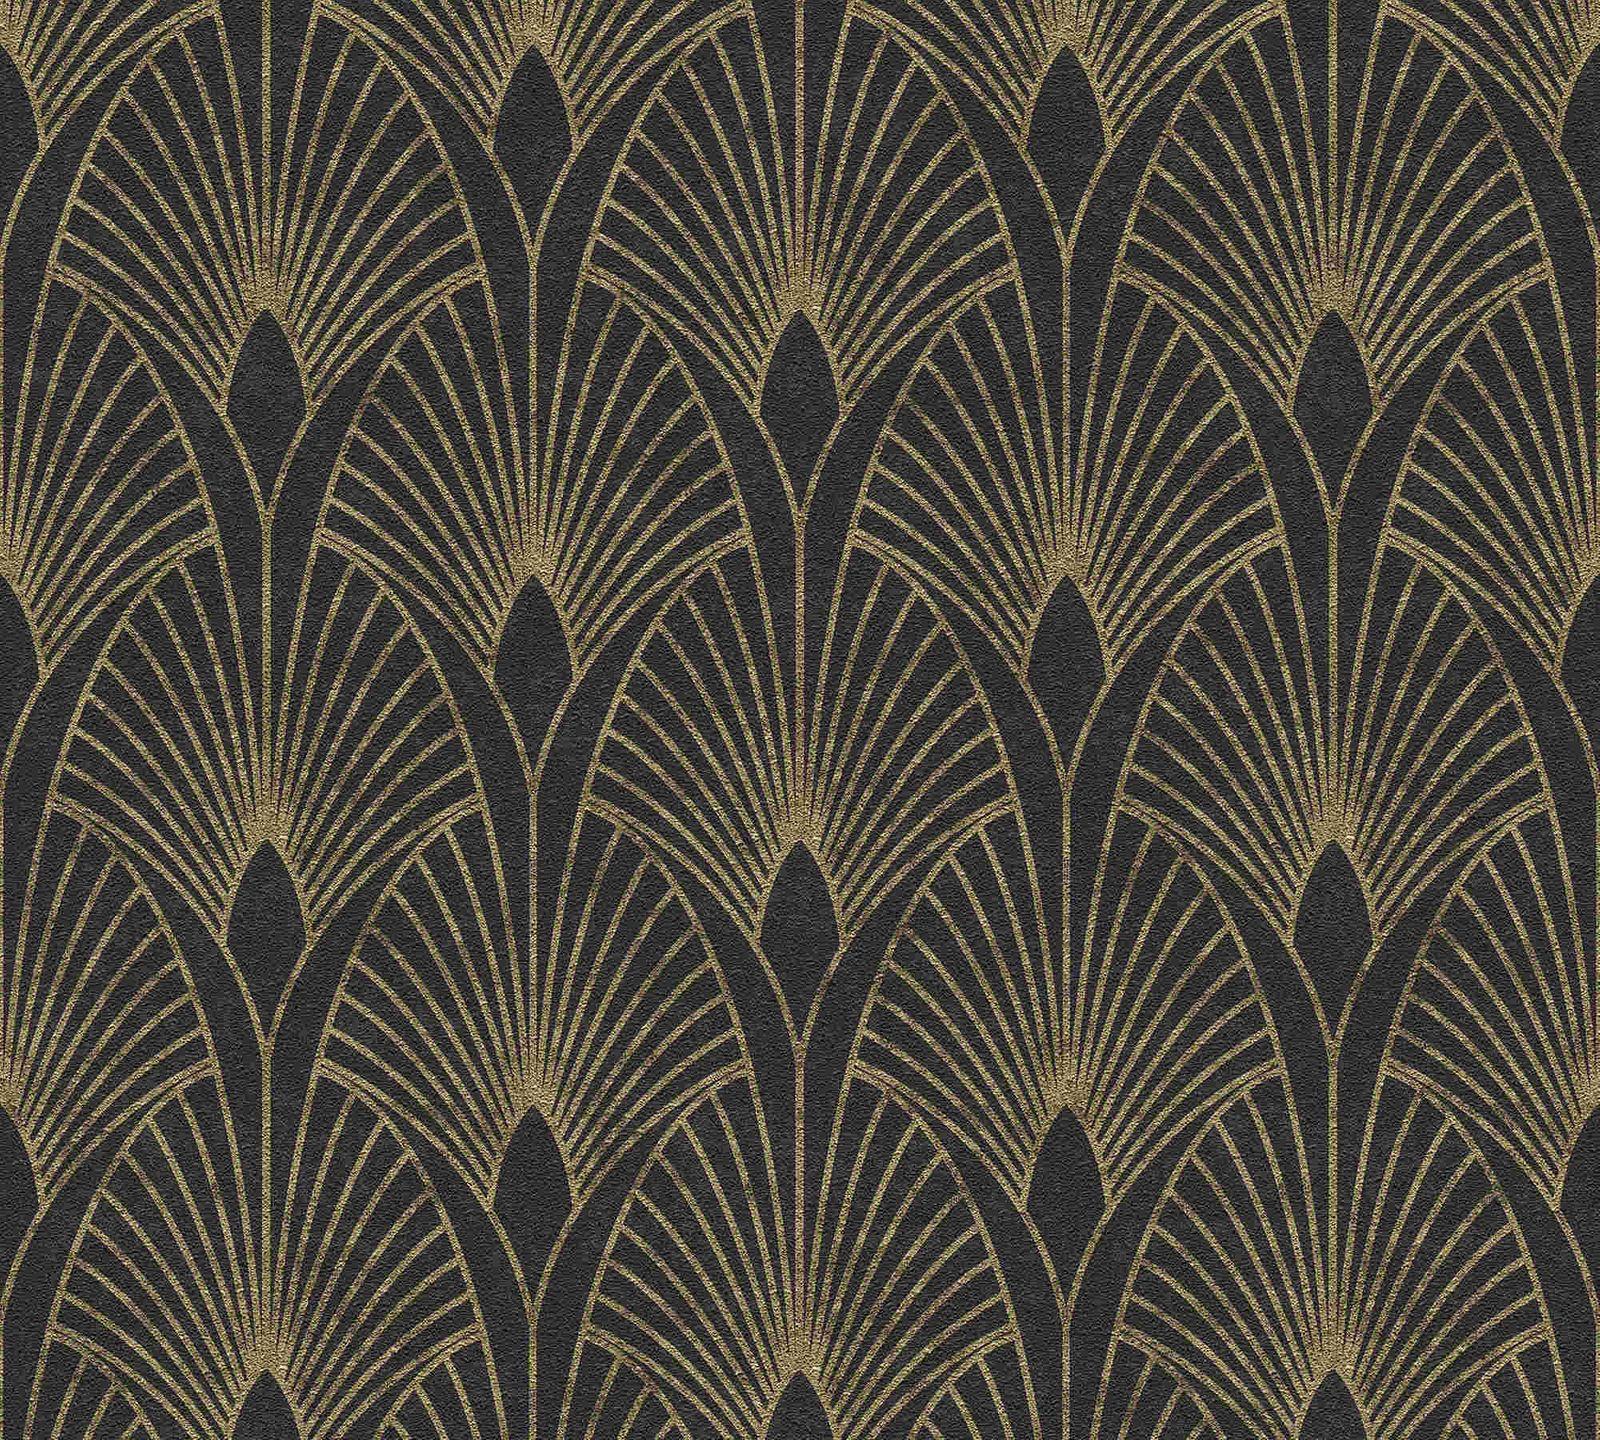 Esprit Art Deco Com non-woven wallpaper art deco black gold metallic 37427-3